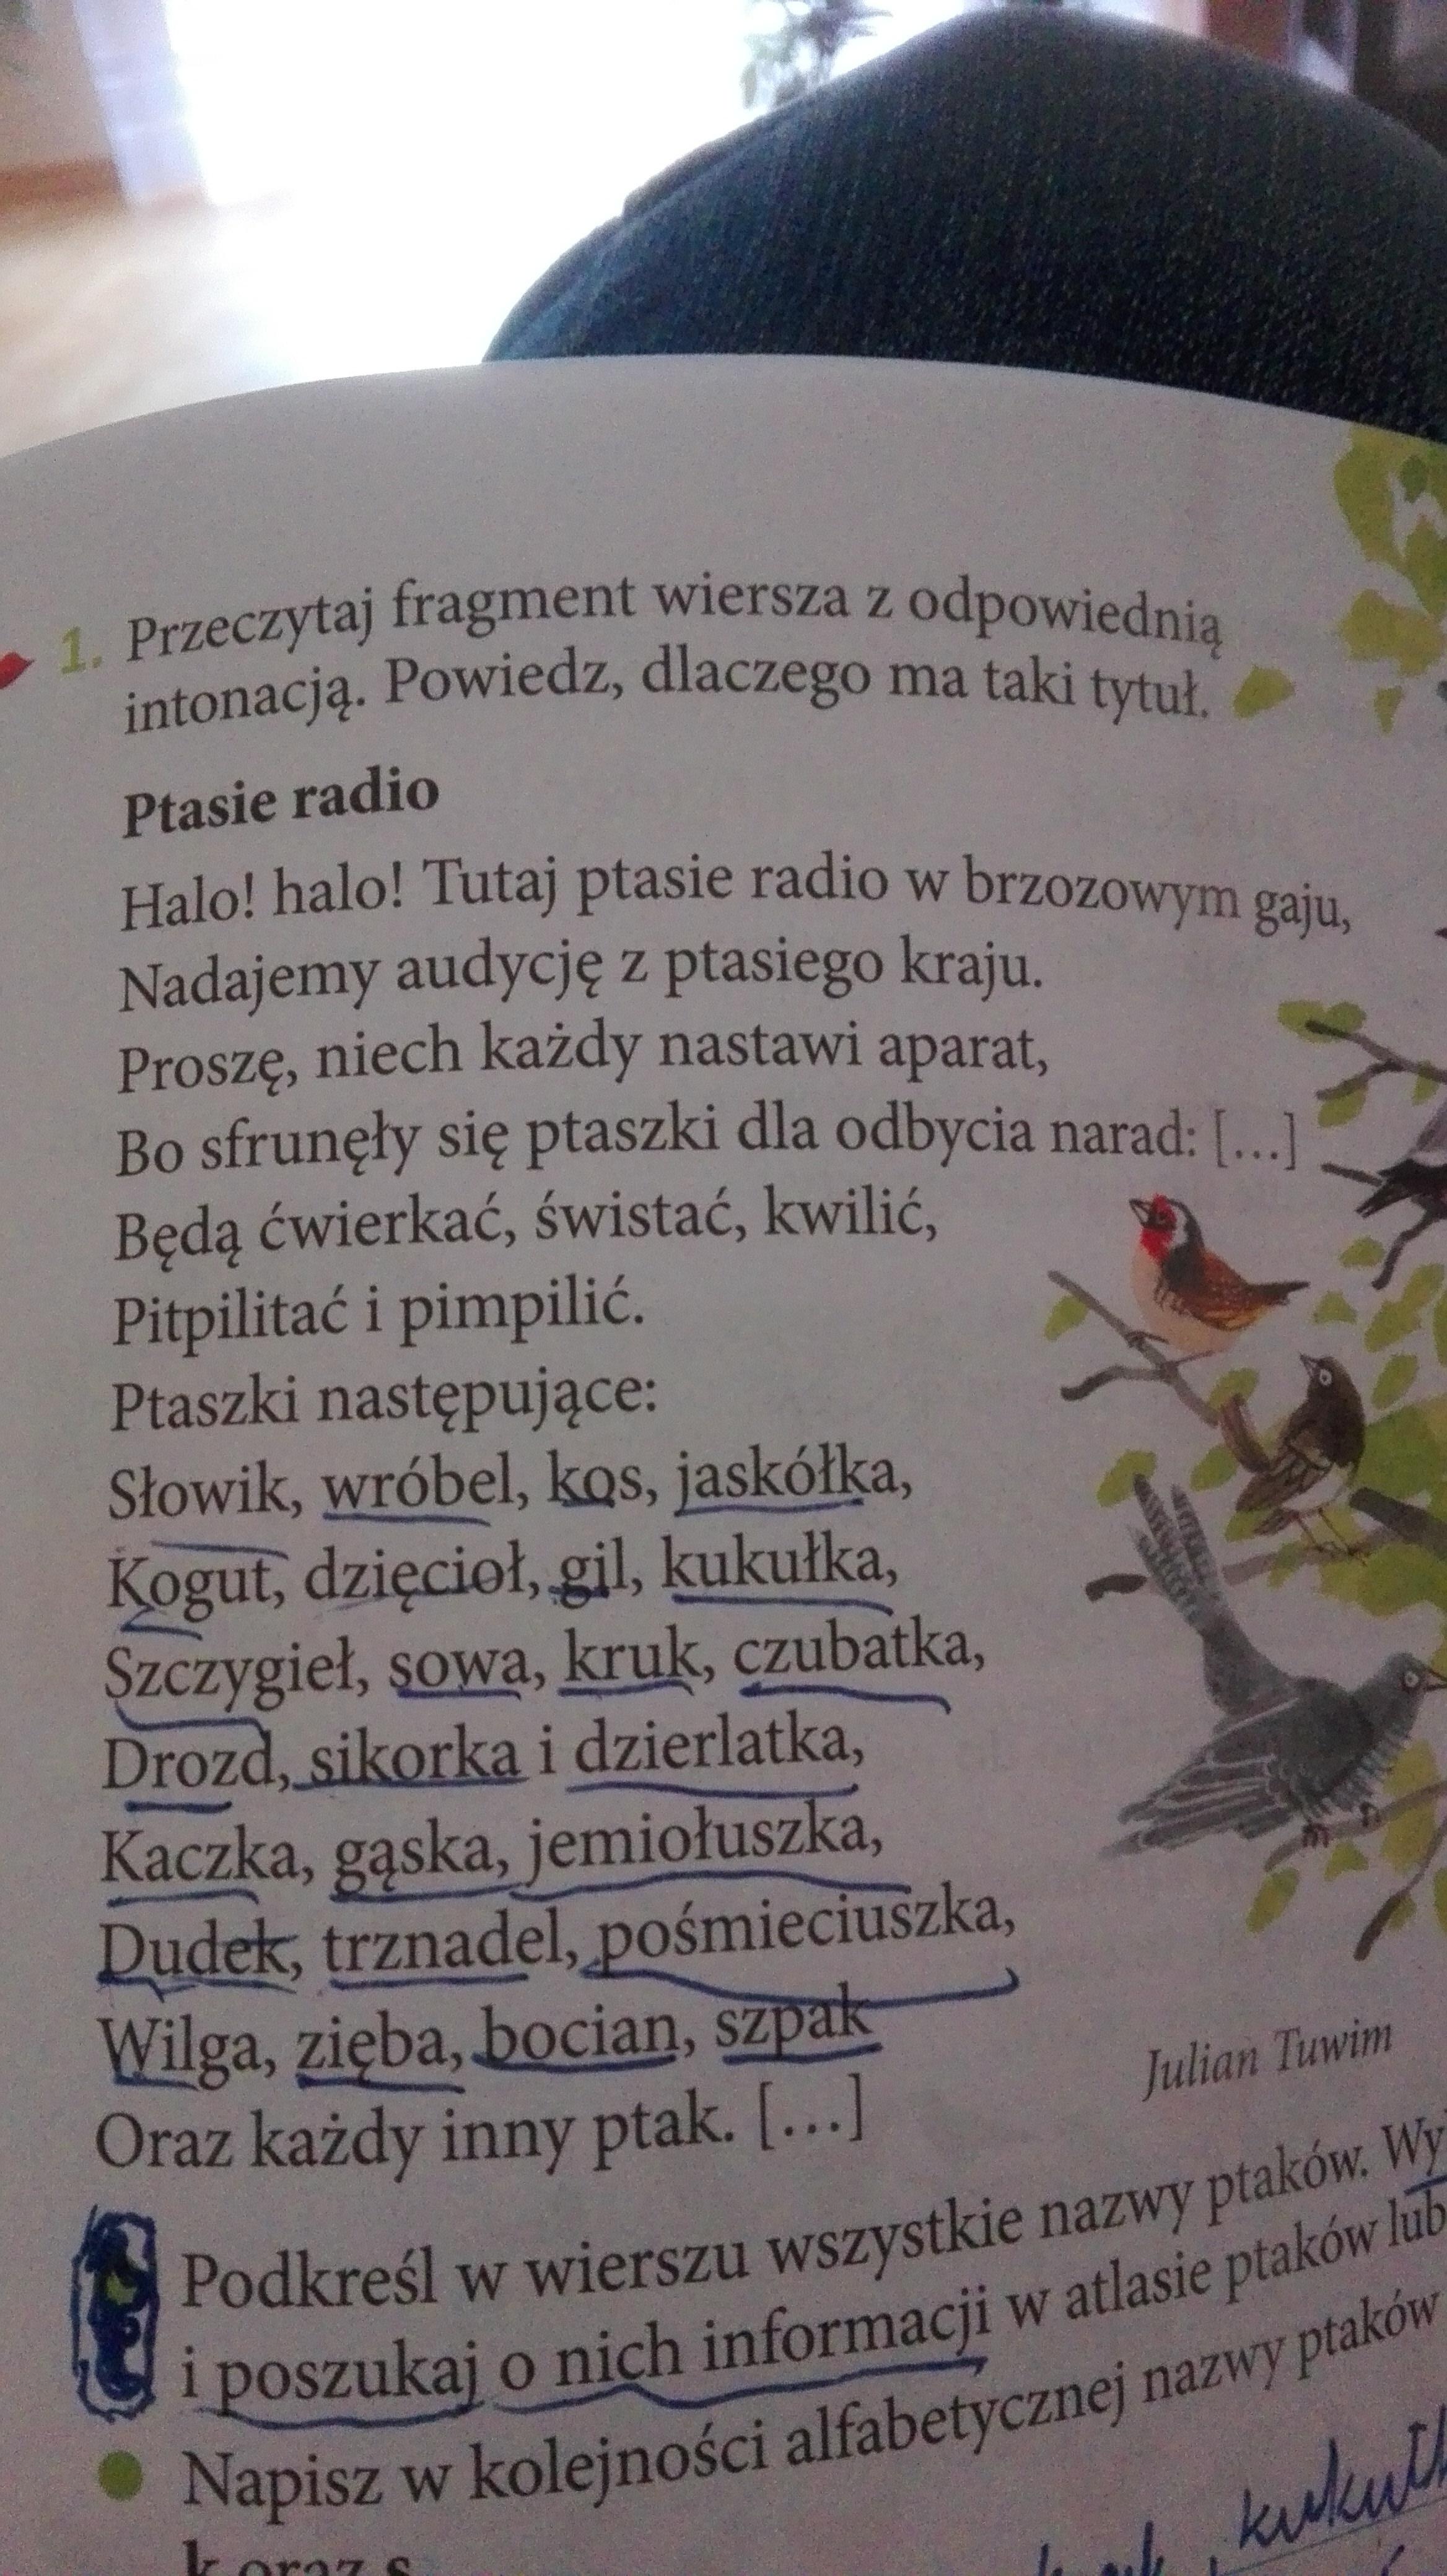 Otocz Pętlą W Wierszu Ptasie Radio Dwa Nowo Utworzone